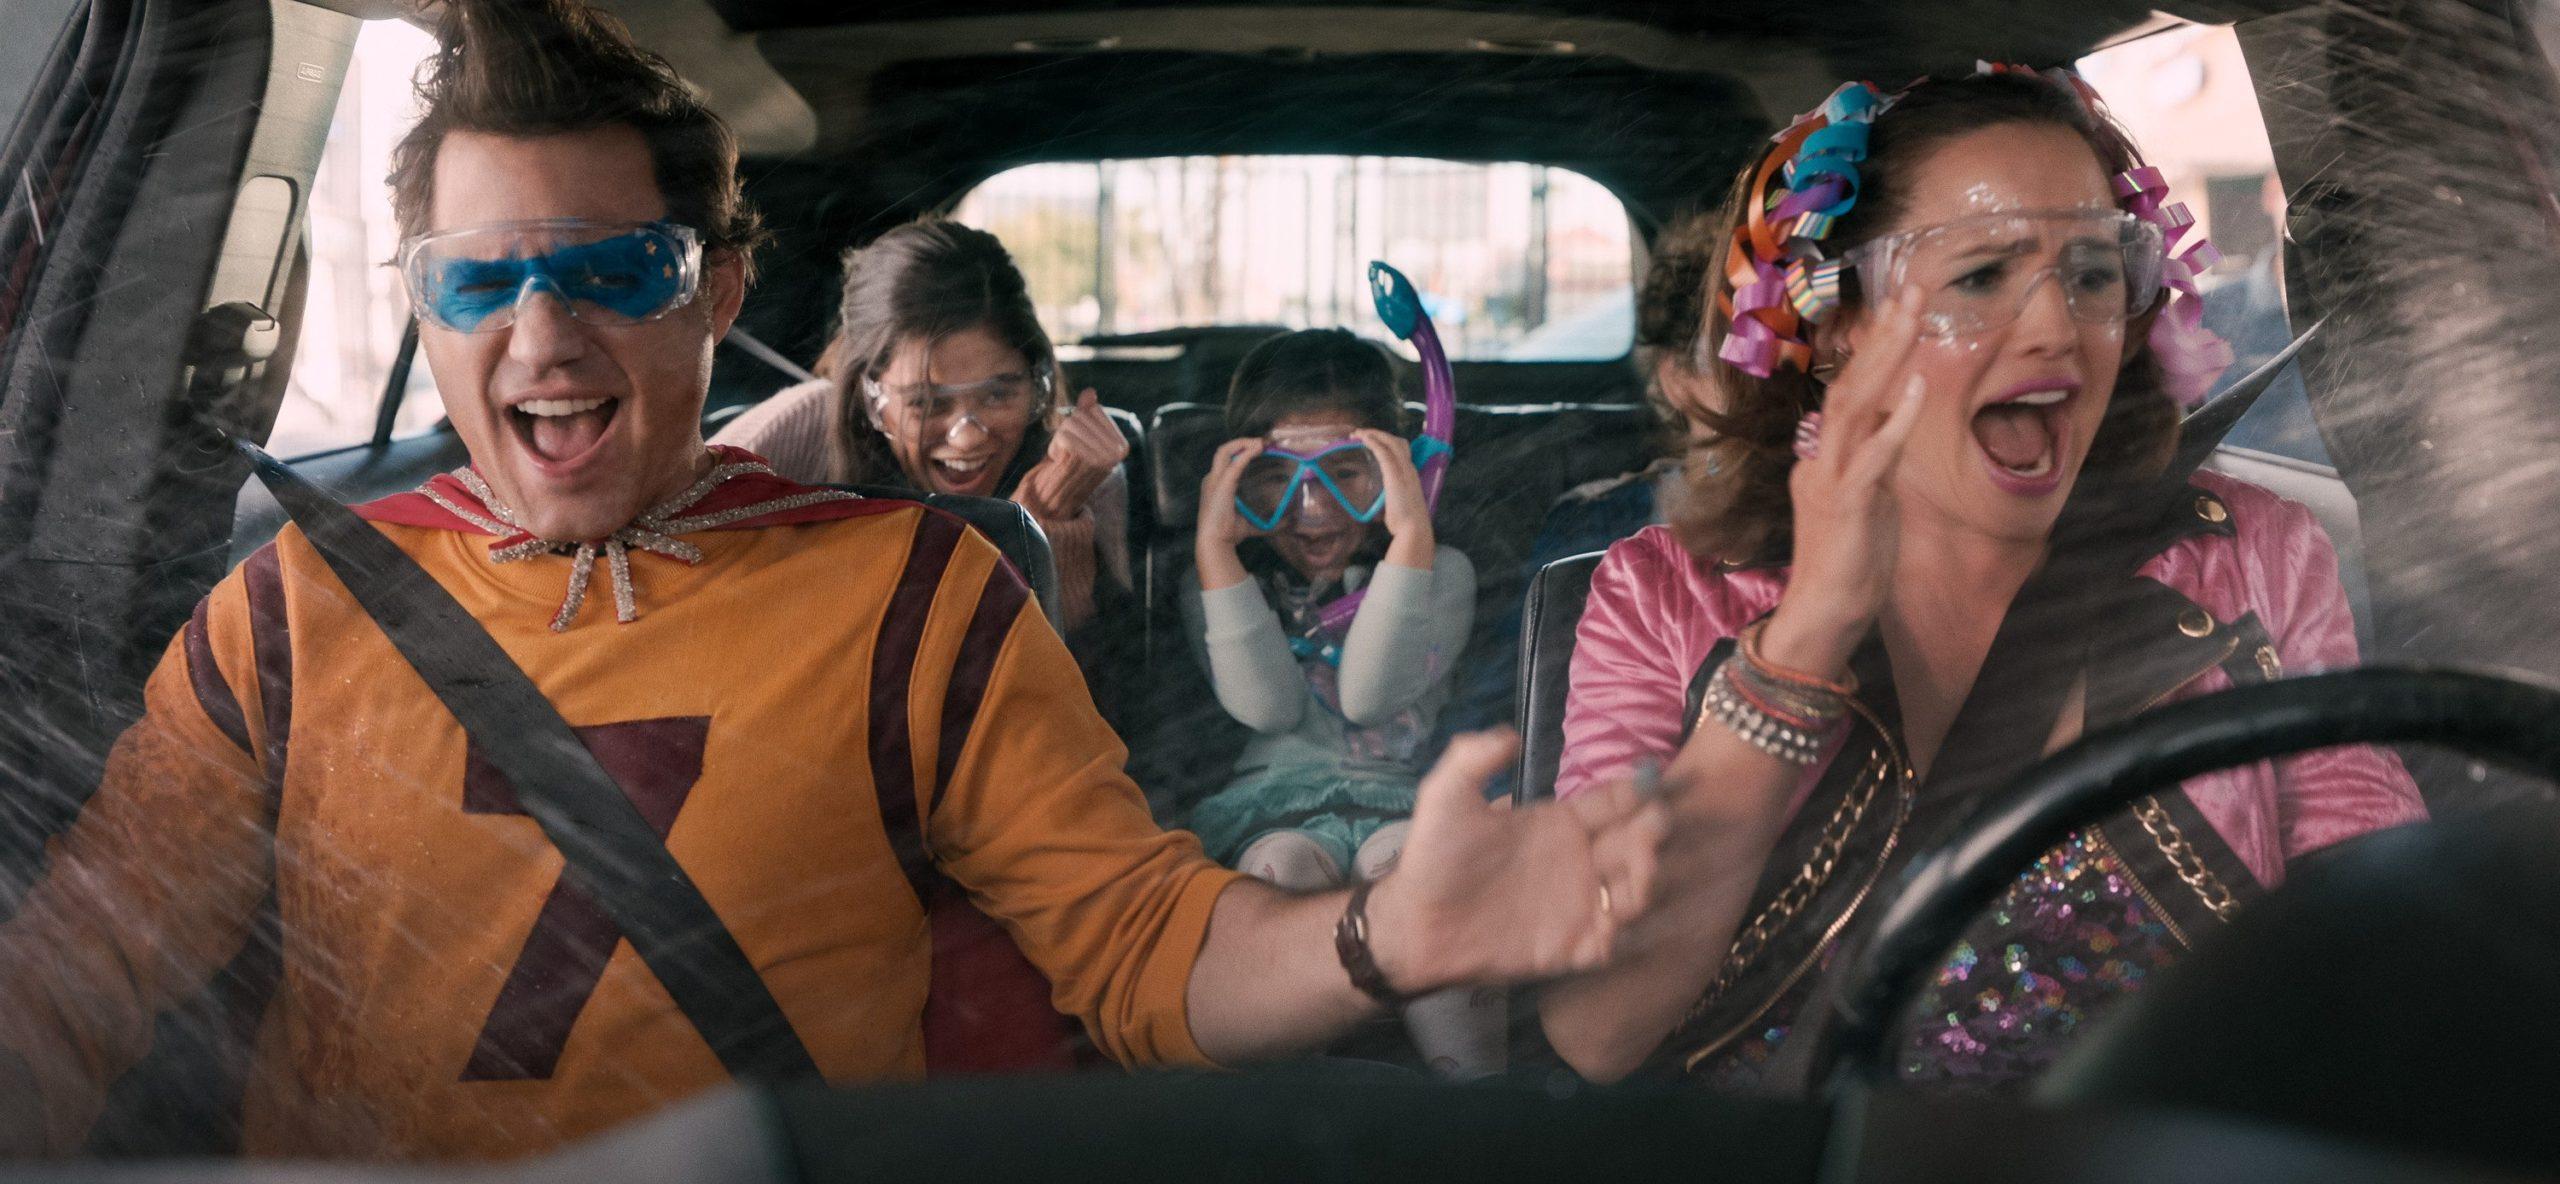 Cena do filme Dia do Sim. Os quatro personagens estão fantasiados em um carro com água sendo espirrada dentro. No volante, à direita, está Jennifer Garner, uma mulher branca adulta de cabelos castanhos escuros que usa uma roupa rosa e flores no cabelo. No banco do passageiro, Édgar Ramirez, uma homem branco de cabelos castanhos usa uma camisa laranja com o número 7 e óculos azul. No banco traseiro, à direita, está uma menina branca de cabelos castanhos com as mãos no rosto. Ao seu lado, sua irmã mais velha, uma jovem adolescente branca de cabelos castanhos, está com a cabeça abaixada;